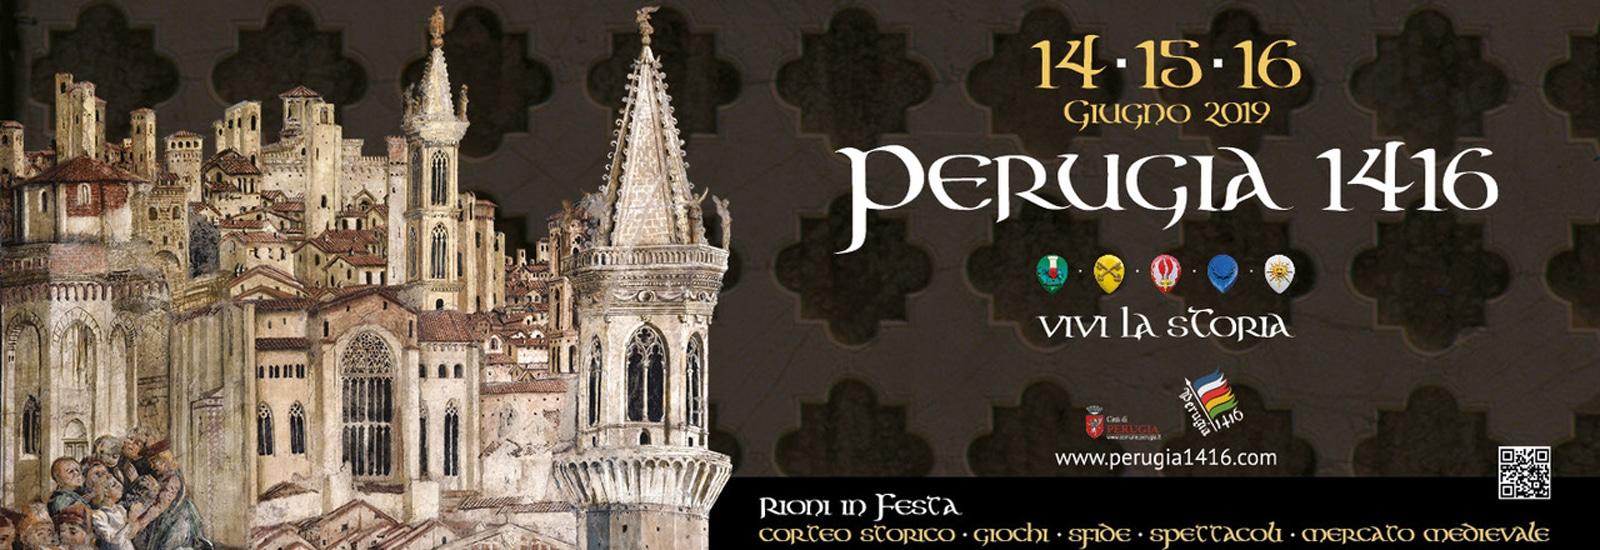 locandina della quarta edizione di Perugia 1416